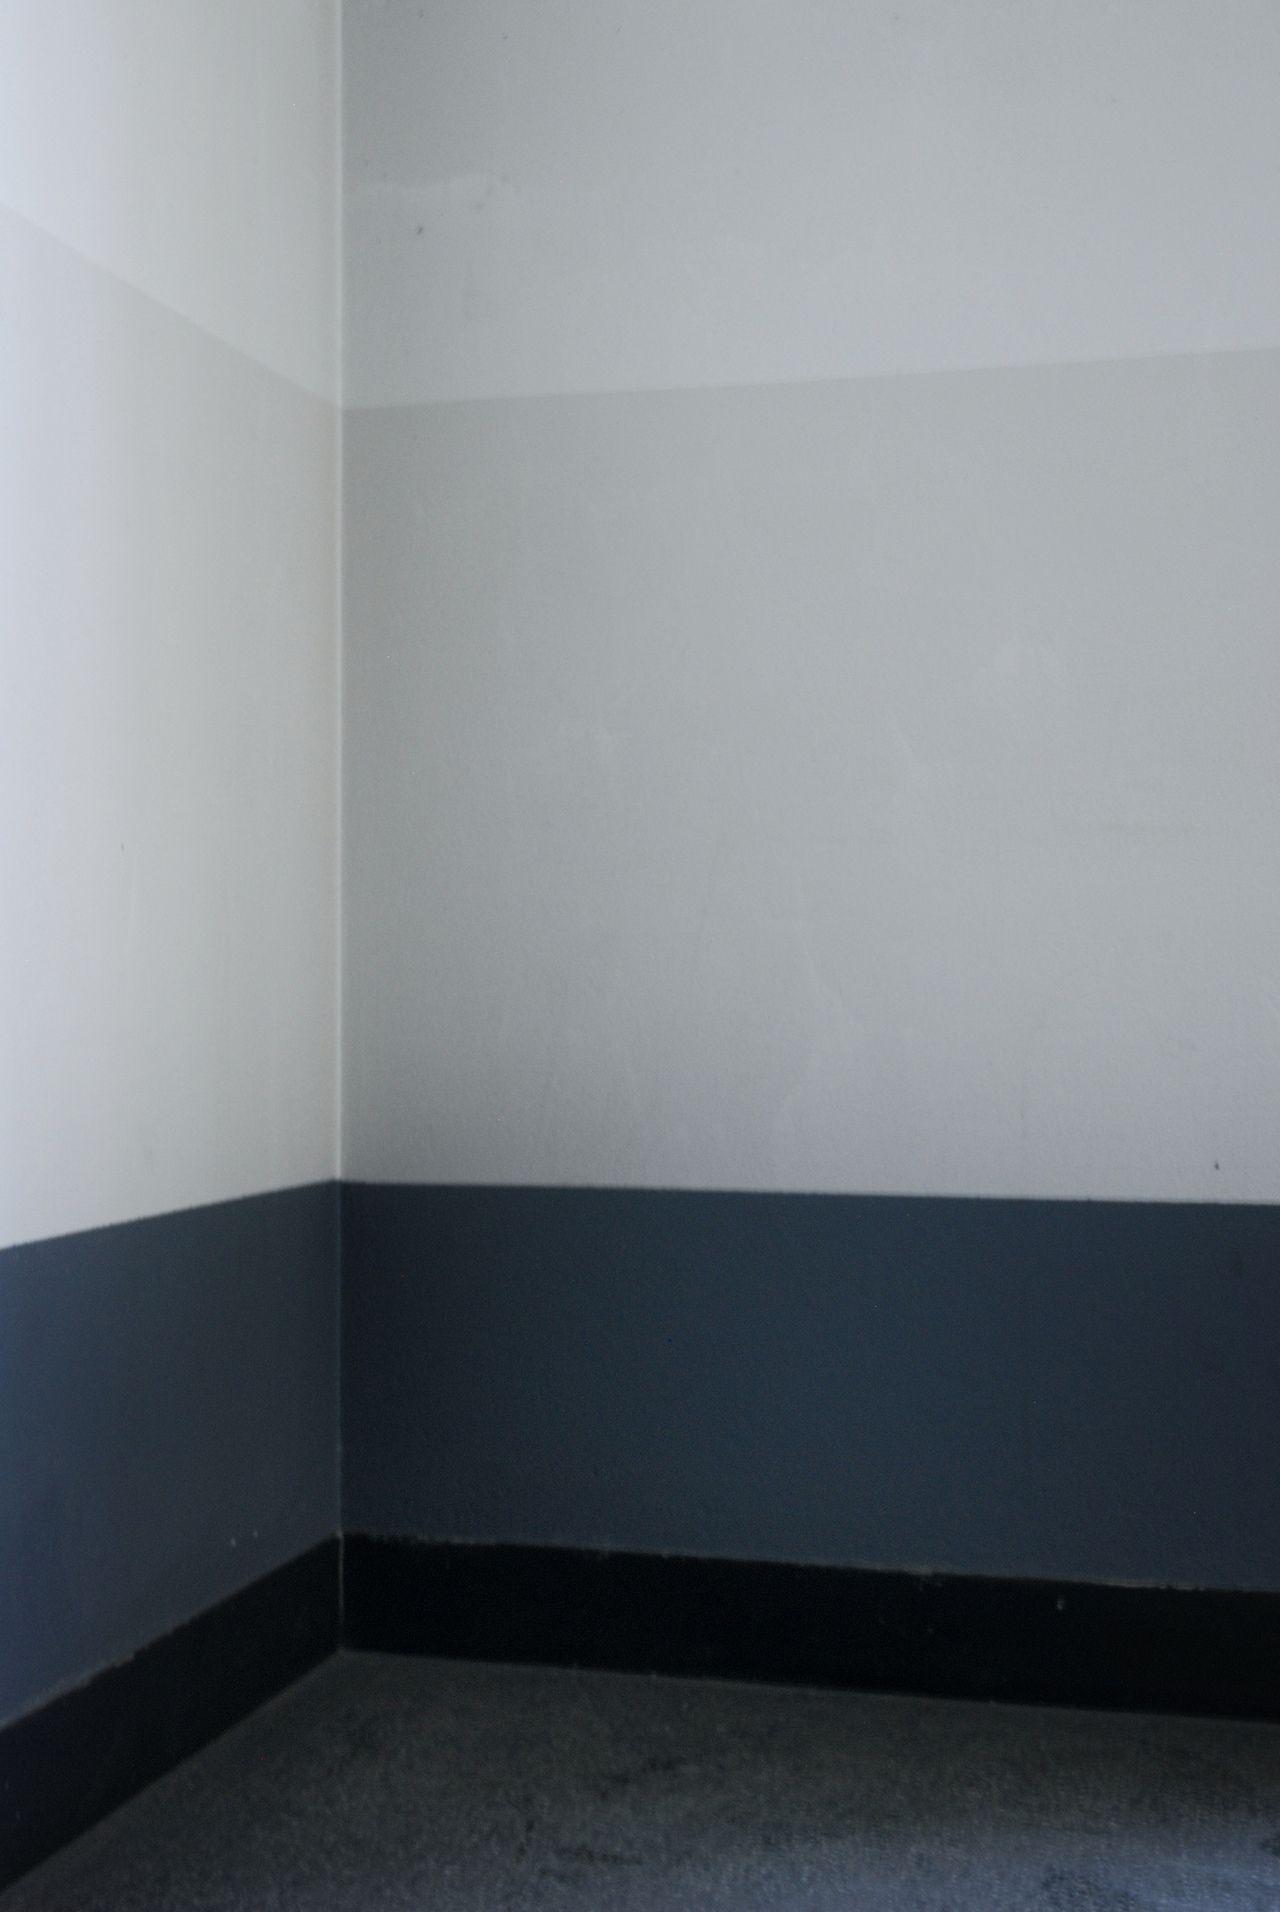 pin von africansunshinee auf ideen rund ums haus pinterest wandfarbe farben und w nde. Black Bedroom Furniture Sets. Home Design Ideas